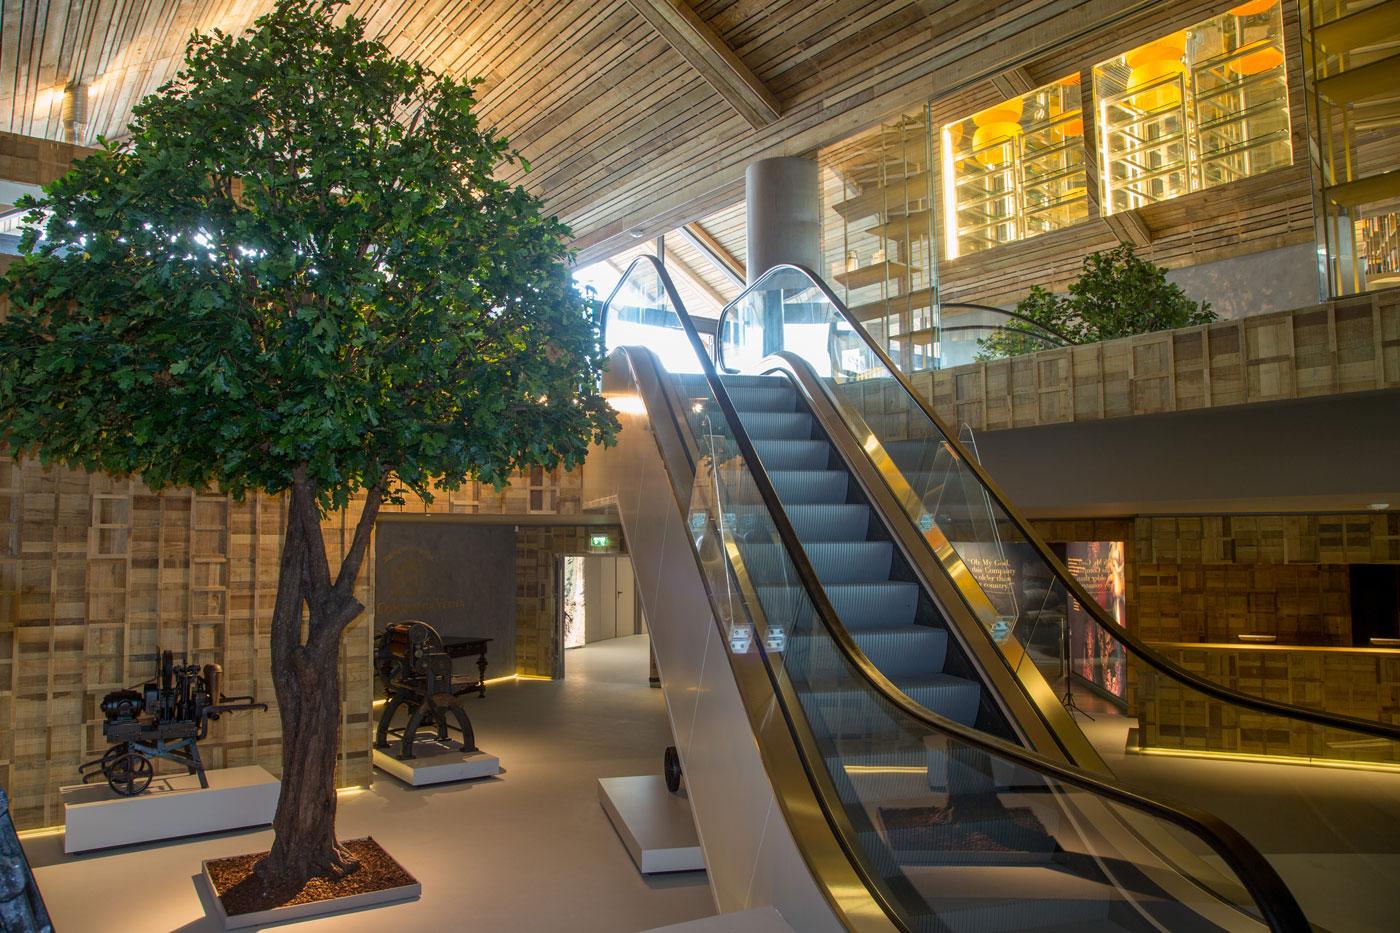 Museu da 1a Demarcação Edificio-header-1